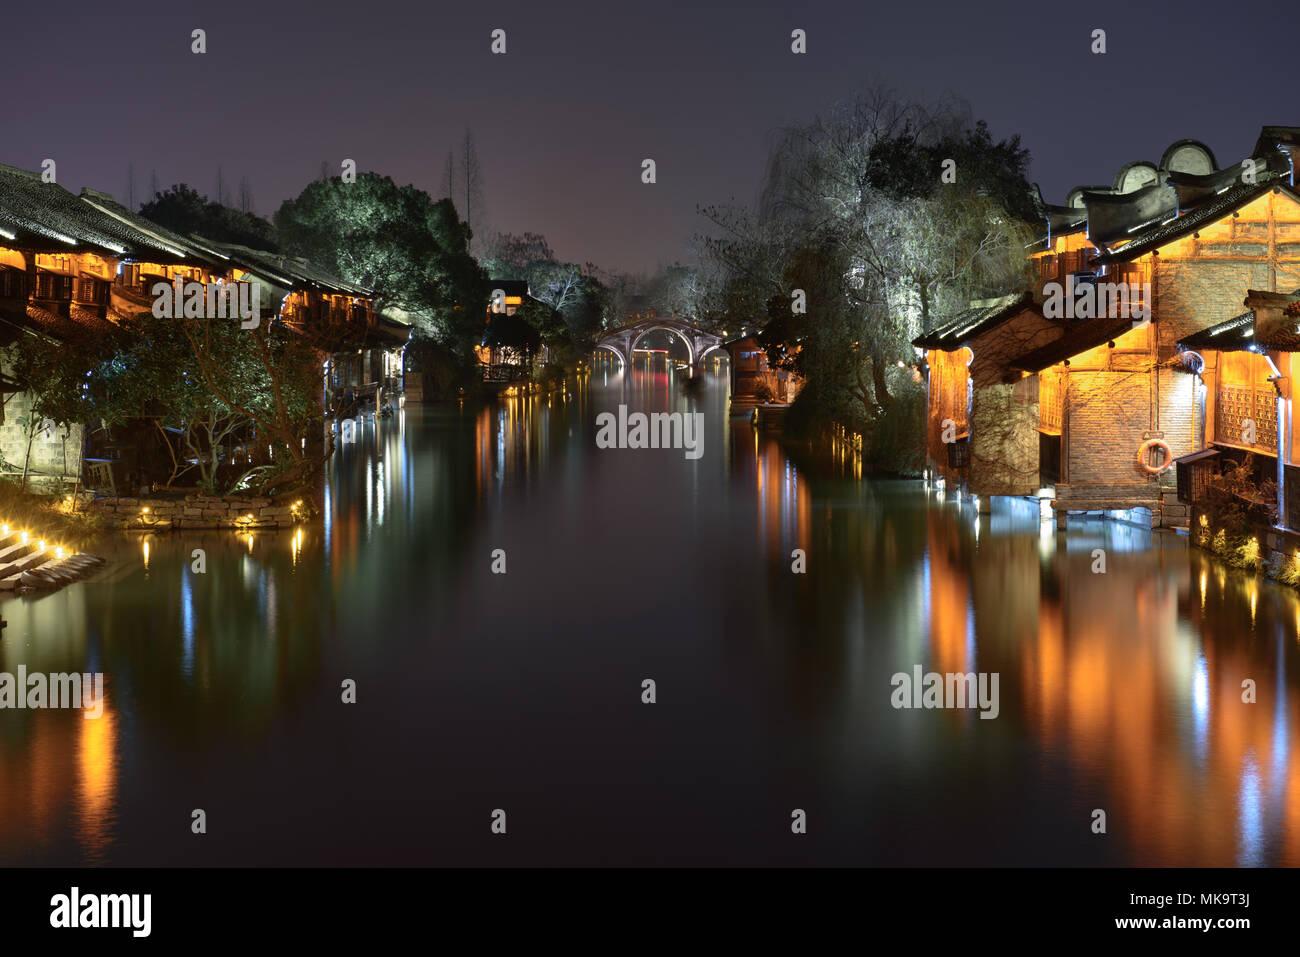 Vista nocturna del edificio antiguo por el agua en Wuzhen. Wuzhen - antiguo pueblo de agua, parte de Tongxiang, situada en el norte de Zhejiang Provi Foto de stock